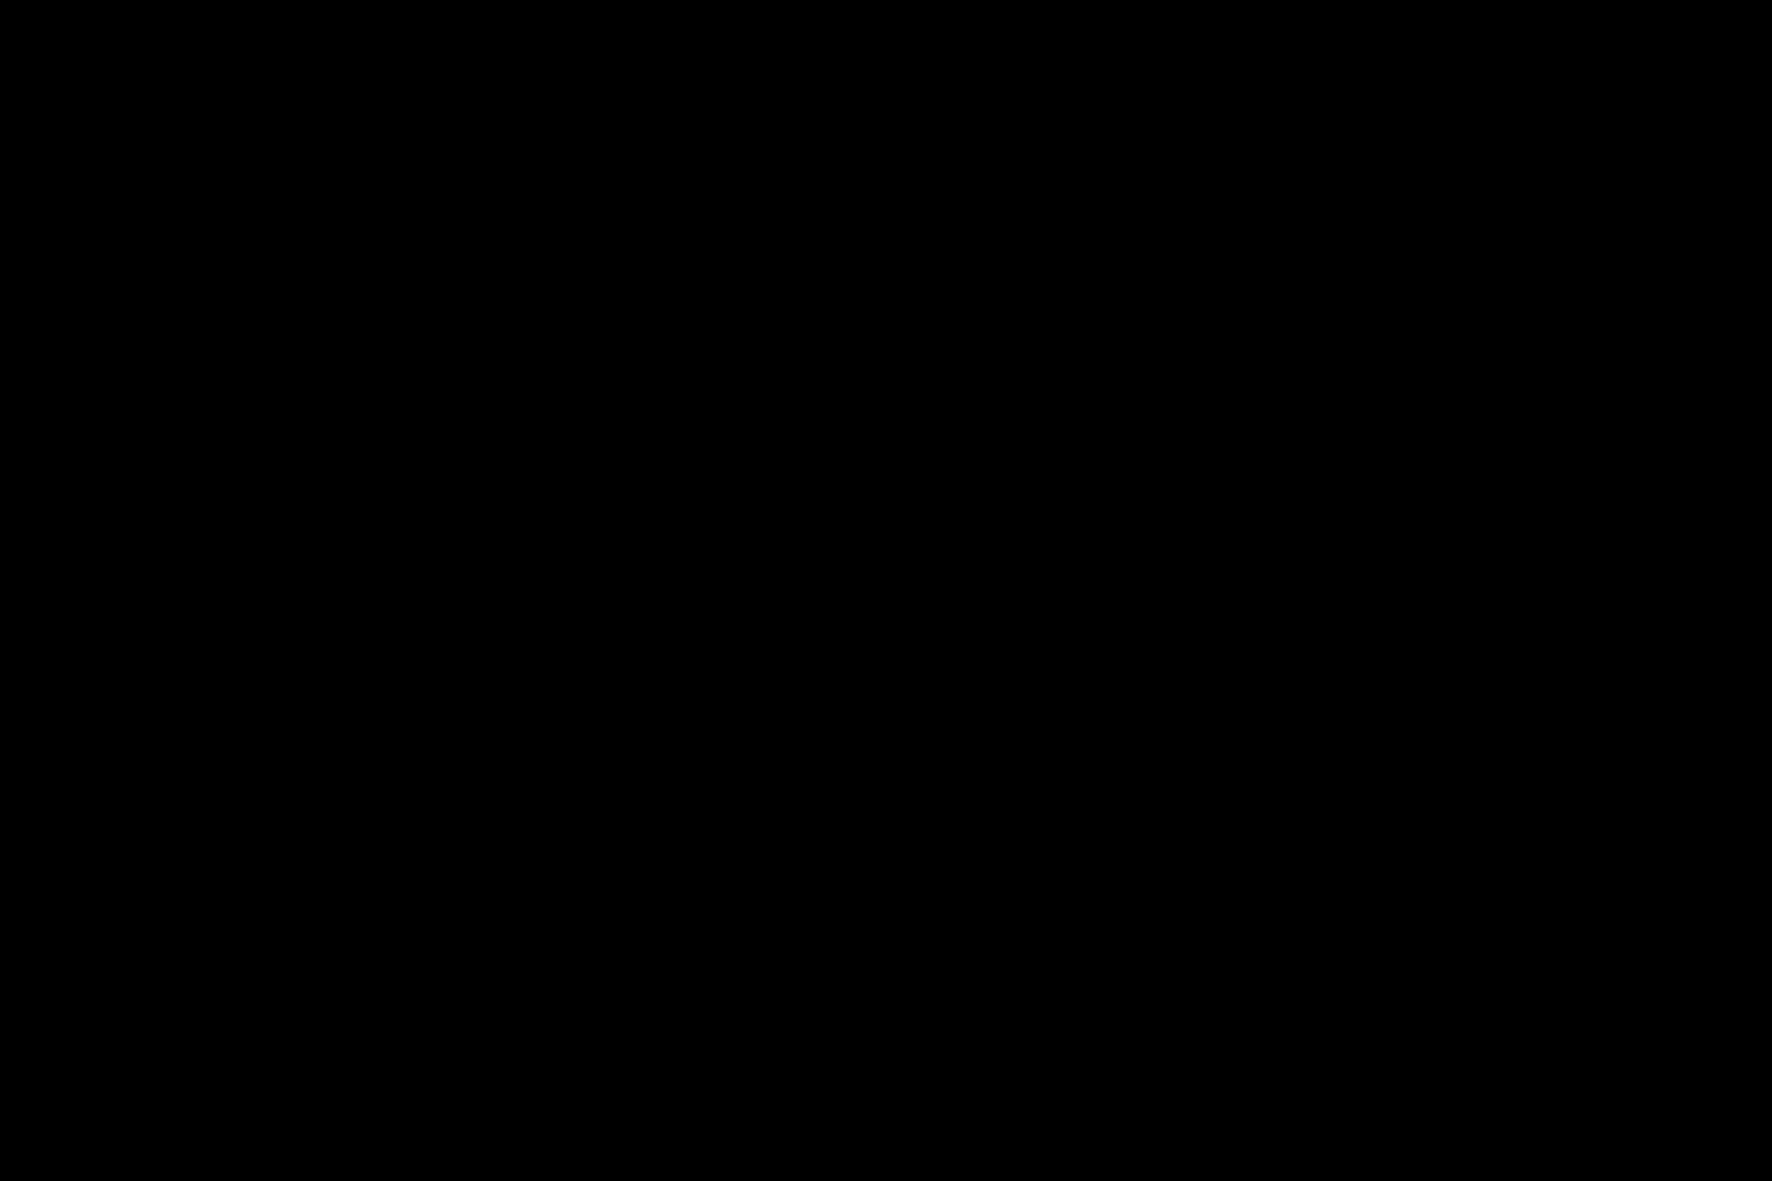 logo henke karelse fotografie zwart